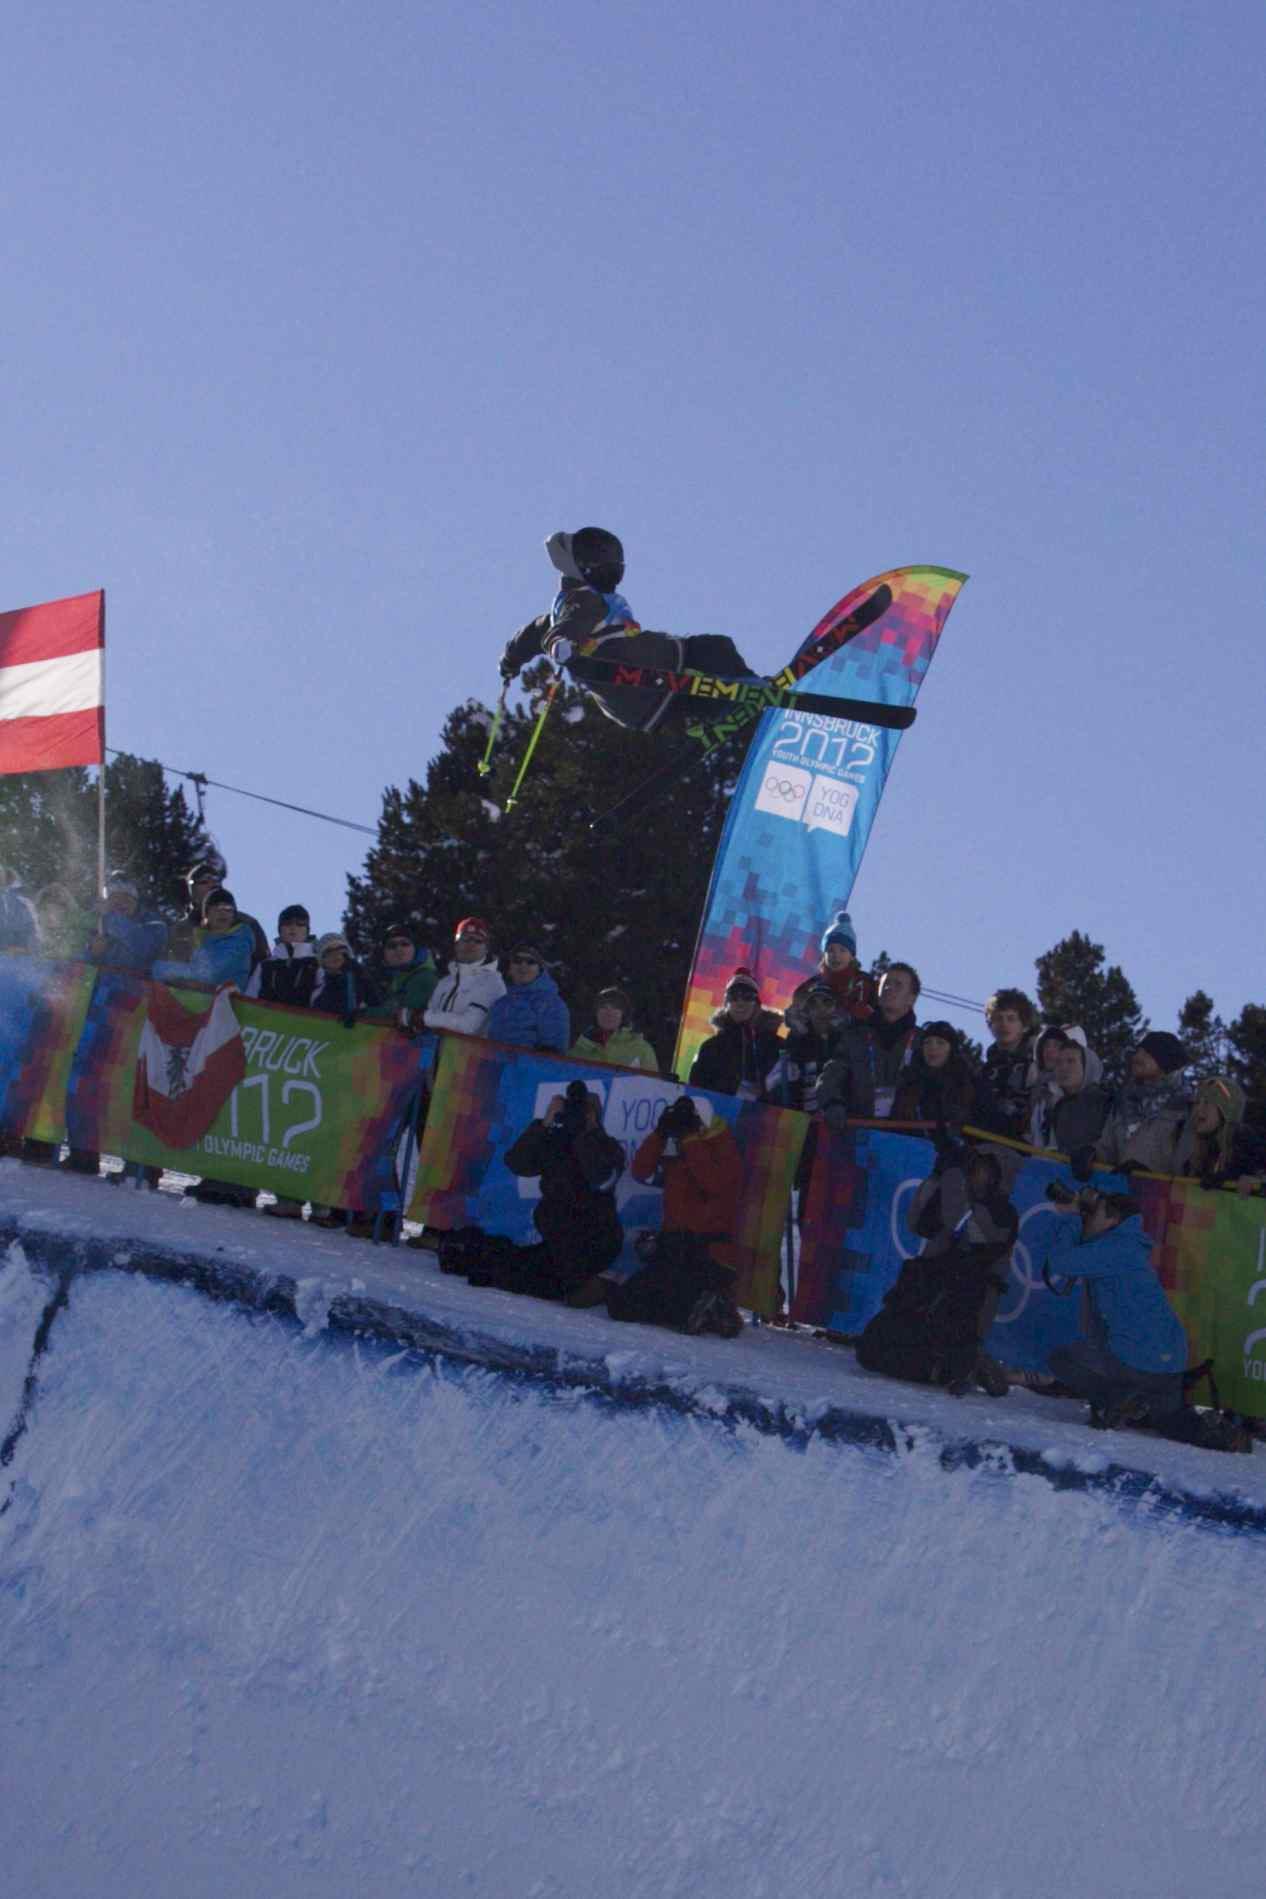 Youth Olympics 6